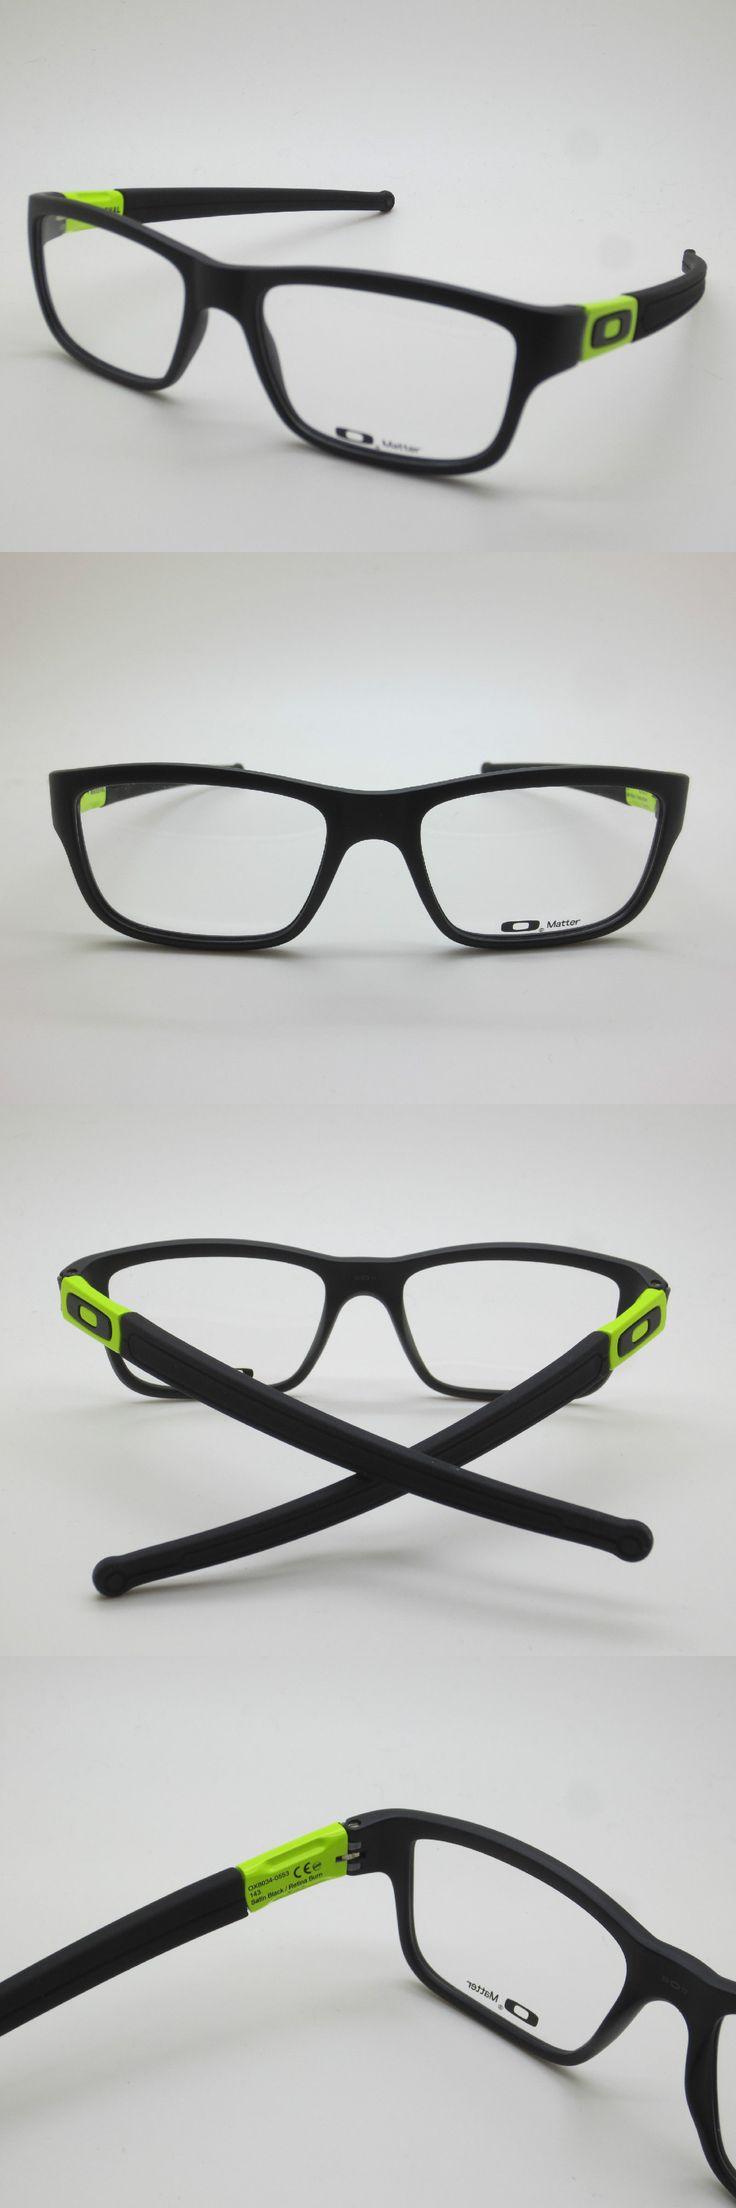 28 best Glasses images on Pinterest   Glasses, Sunglasses and Eye ...